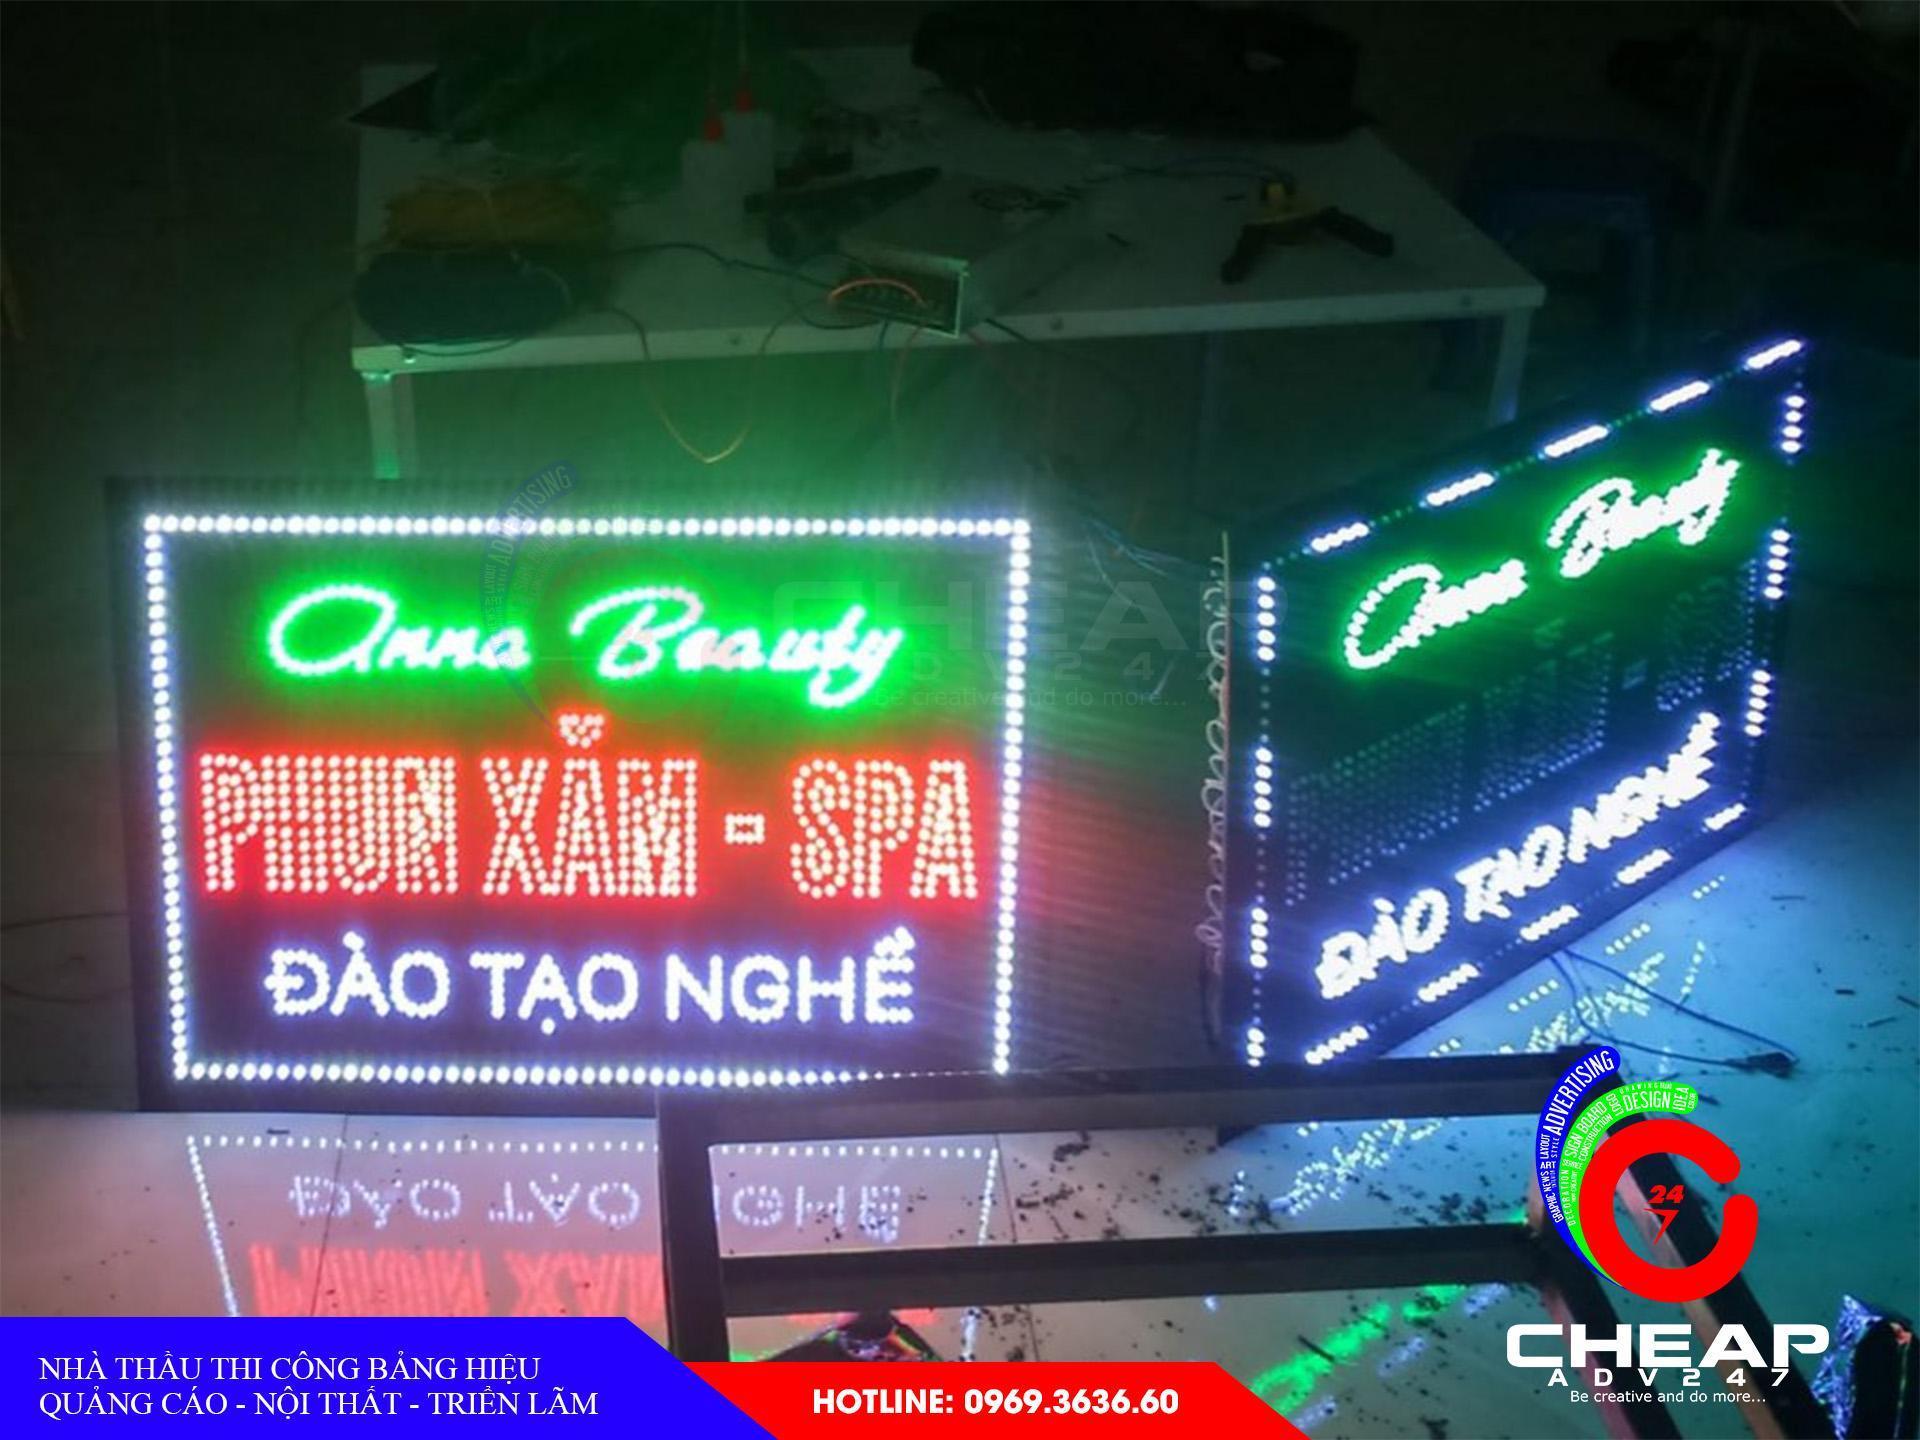 Mẫu bảng hiệu đèn led điện tử - ma trậntại cheapadv247